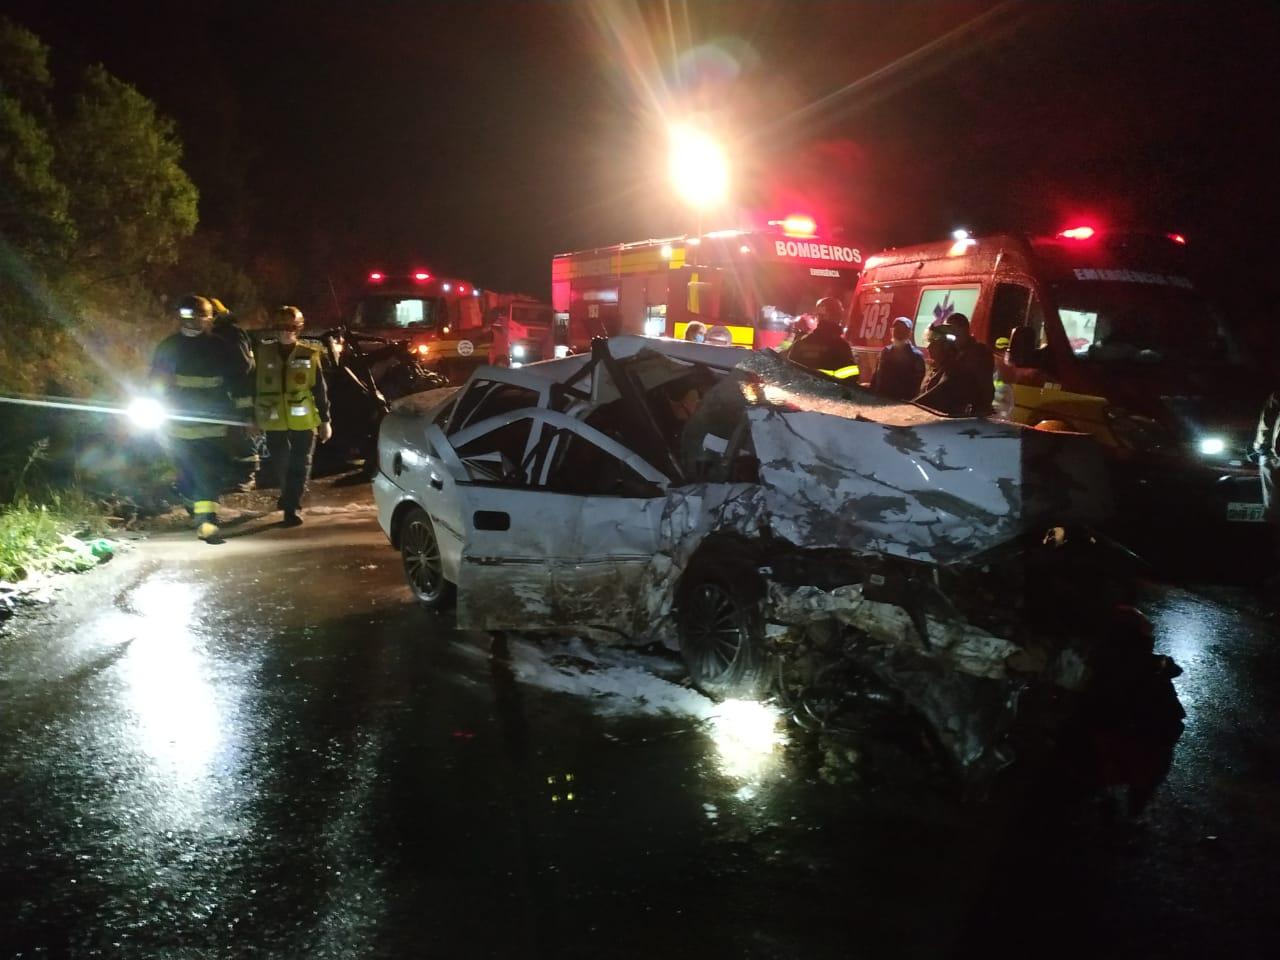 Uma criança e três adultos morrem em acidente de carro na BR-282 em Ponte Serrada